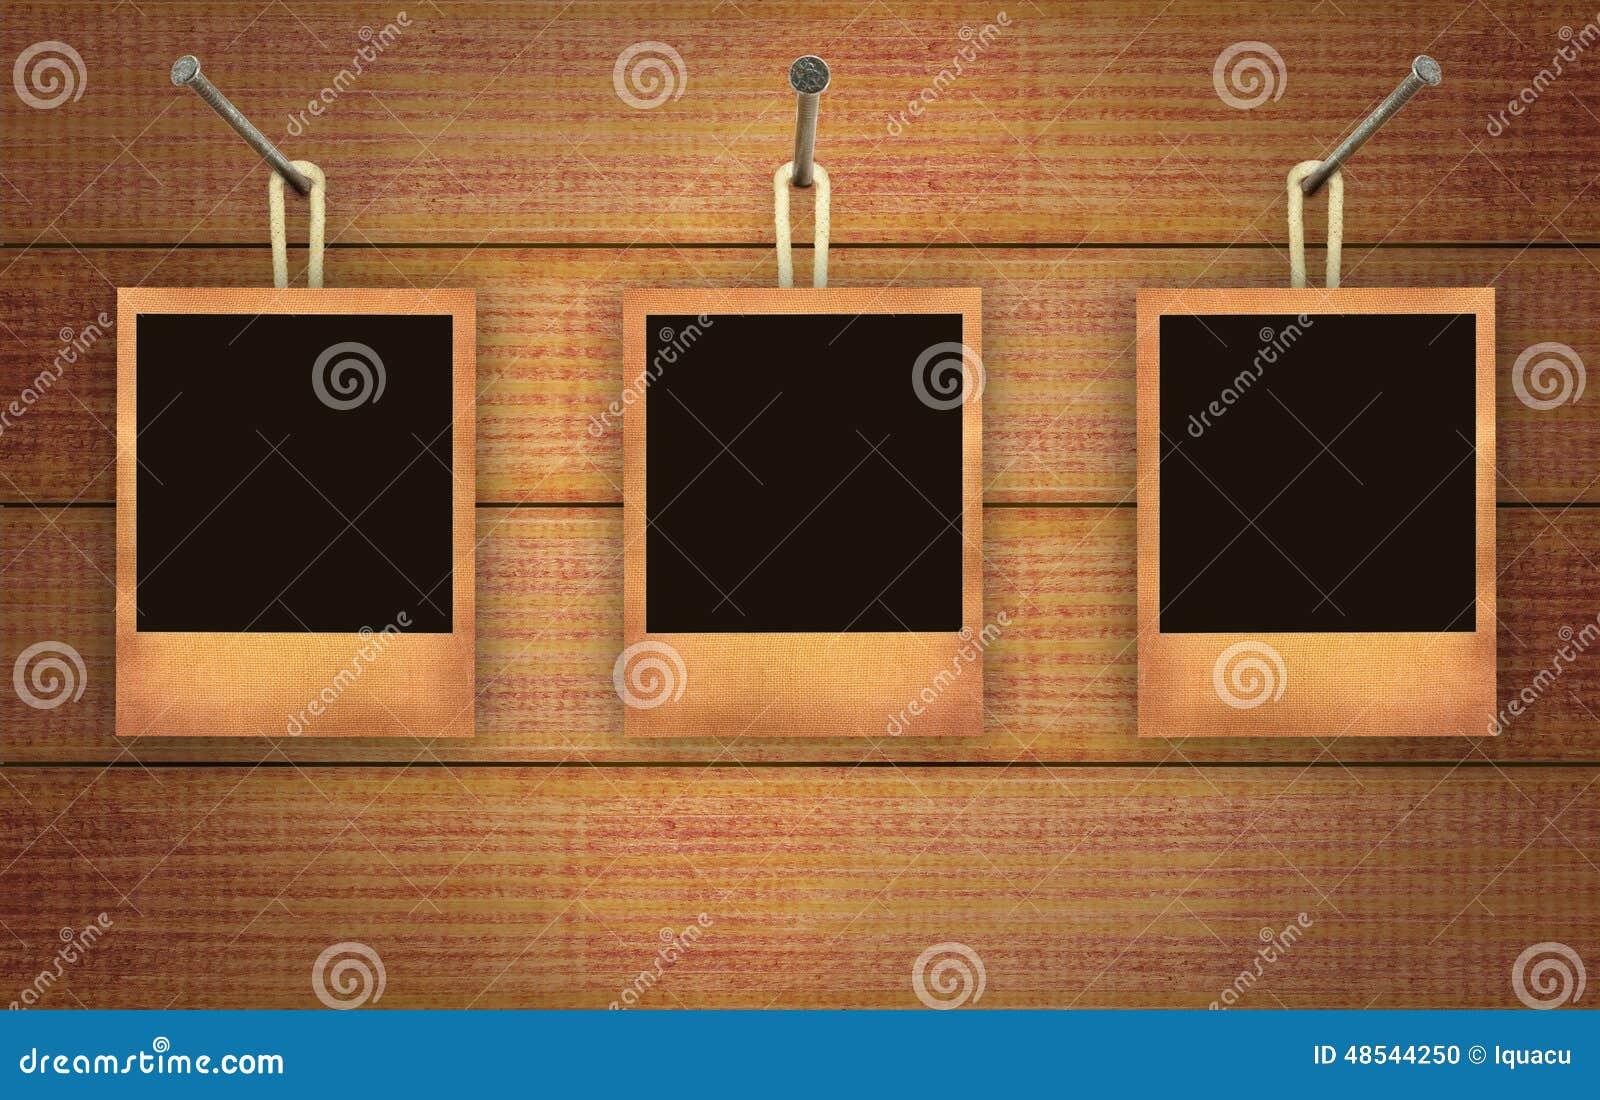 Cuadros colgantes foto de archivo. Imagen de cuadro, fotos - 48544250